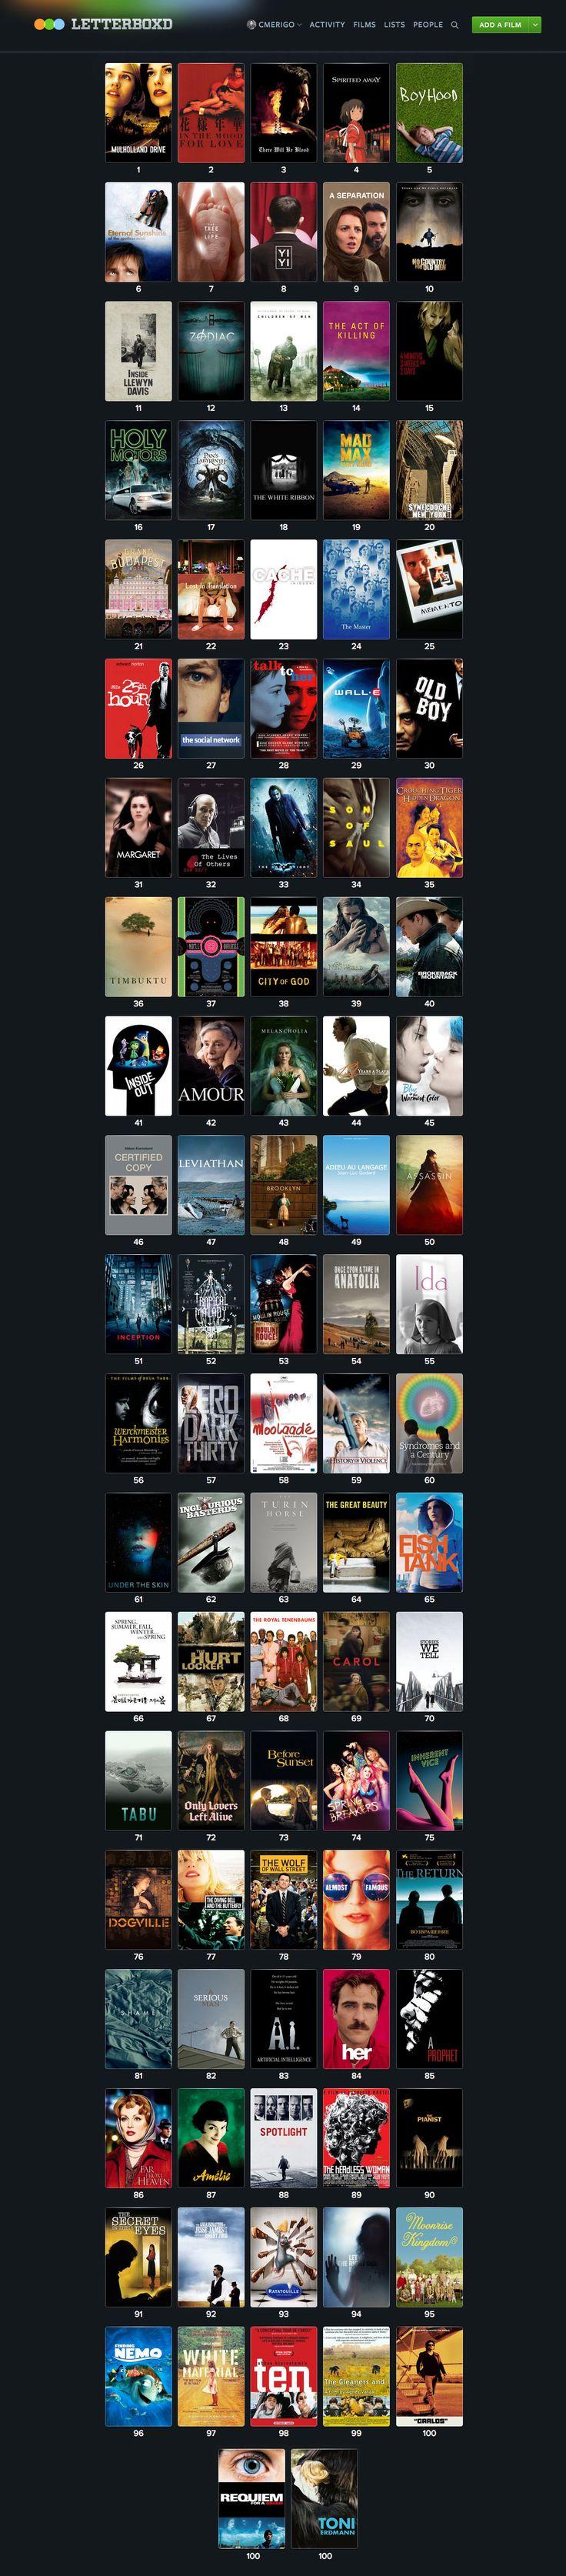 http://www.b9.com.br/66707/entretenimento/os-top-100-melhores-filmes-do-seculo-21-segundo-pesquisa-da-bbc/ BBC Letterboxd